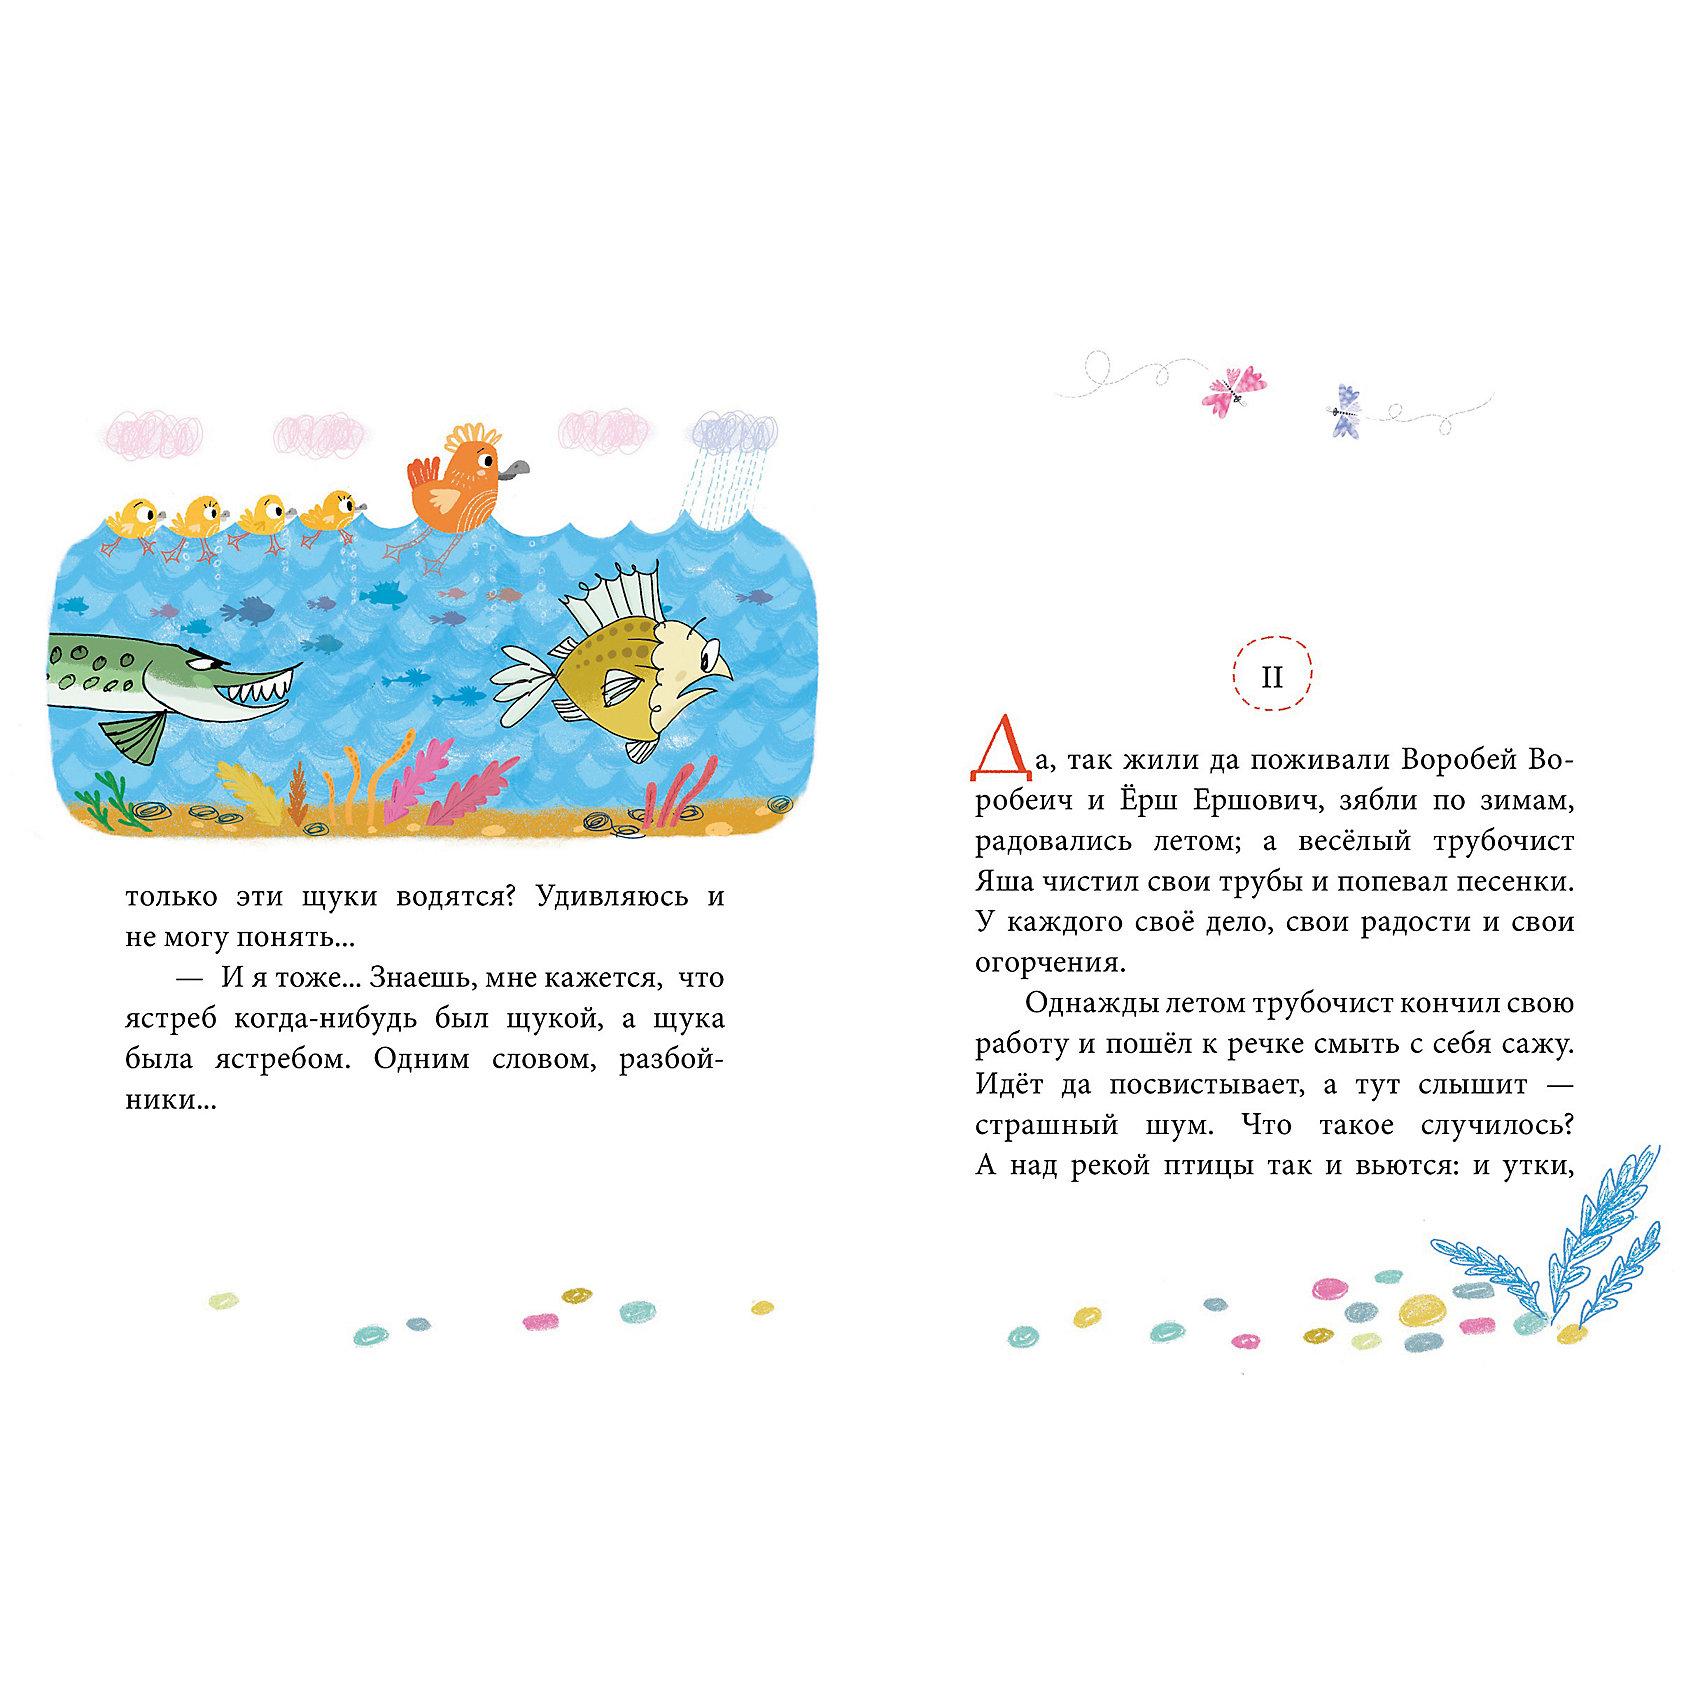 """Сказки-минутки """"Сказка про Воробья Воробеича, Ерша Ершовича и весёлого трубочиста Яшу"""", Д. Н. Мамин-Сибиряк от myToys"""